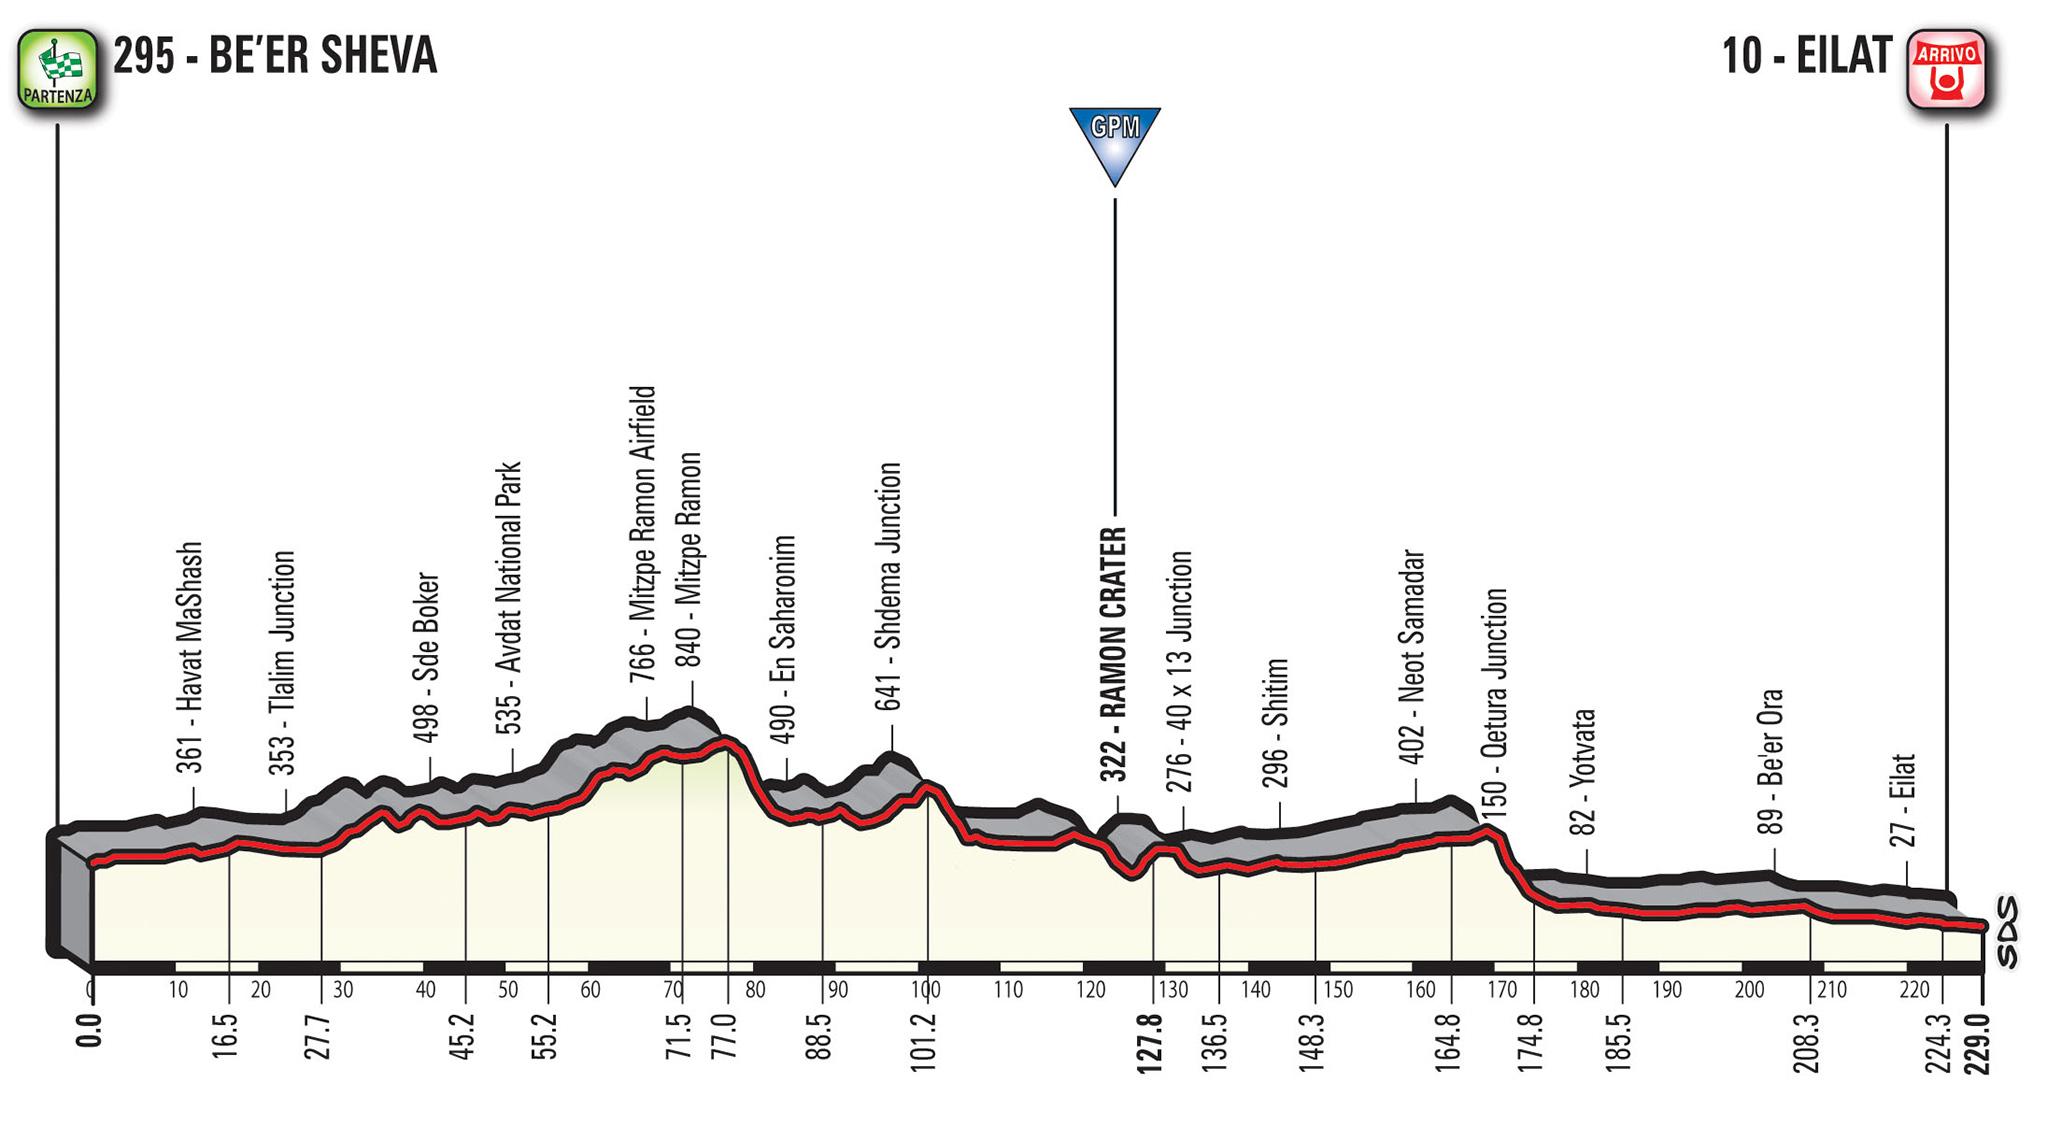 Un Giro d'Italia per almeno due pretendenti